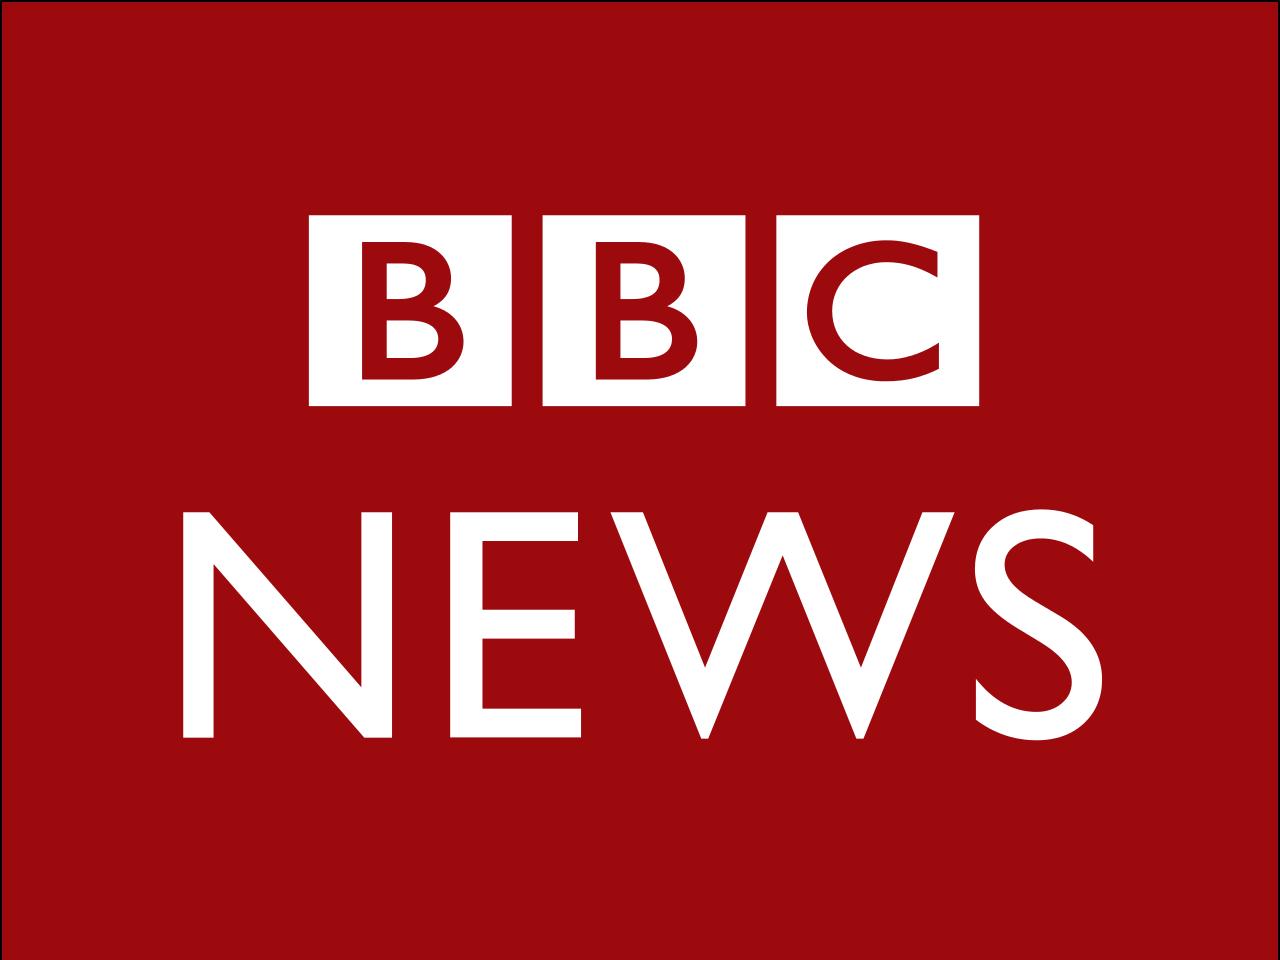 El presidente de china prohíbe la emisión de un canal de noticias internacional